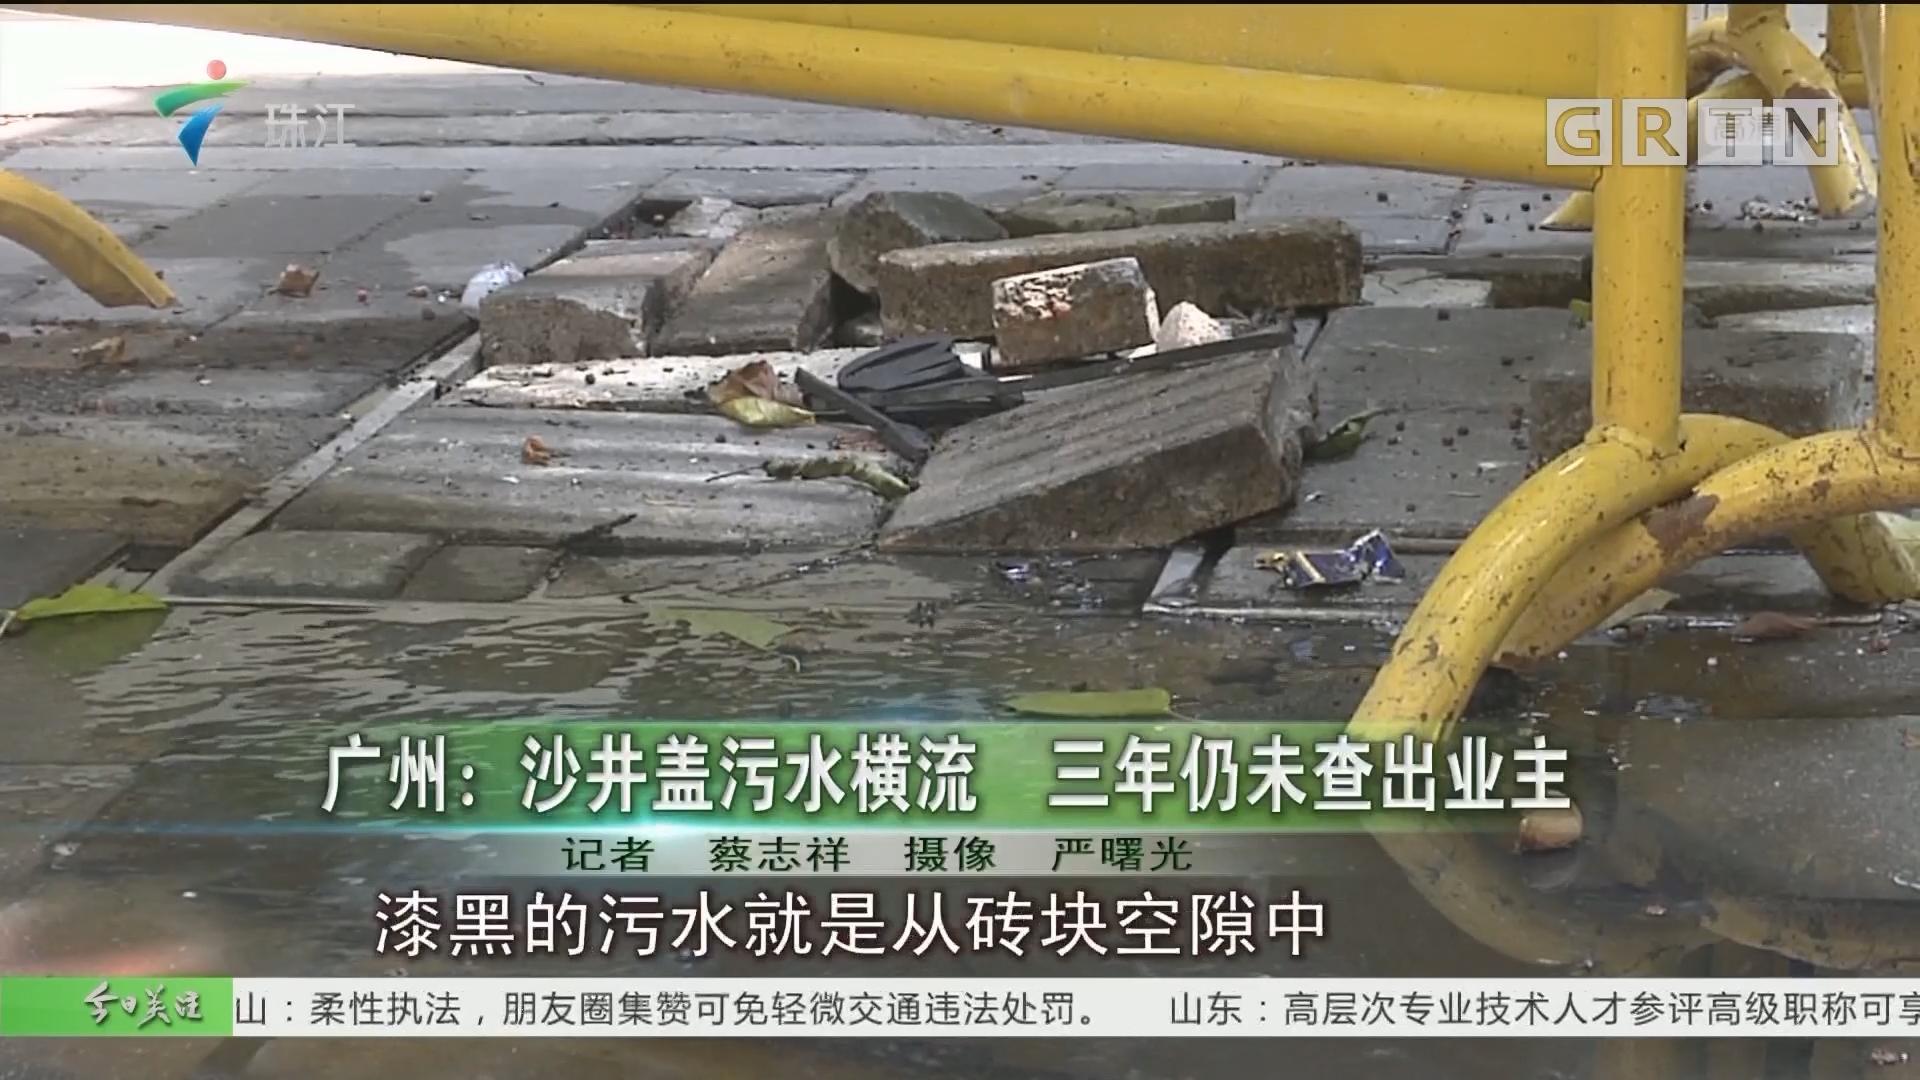 广州:沙井盖污水横流 三年仍未查出业主